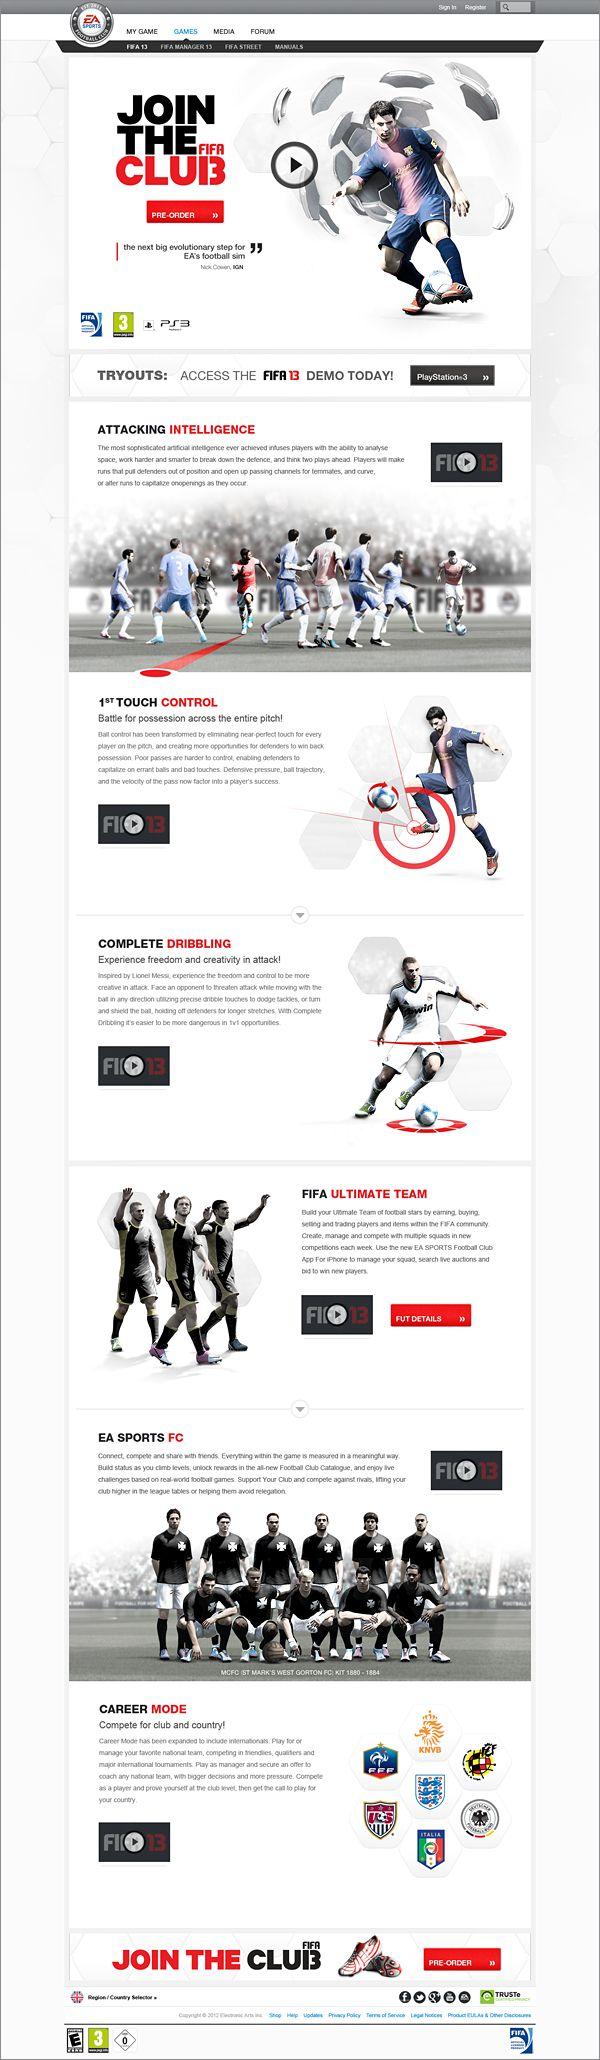 EA SPORTS FIFA 13 by Jonathon Kaye, via Behance